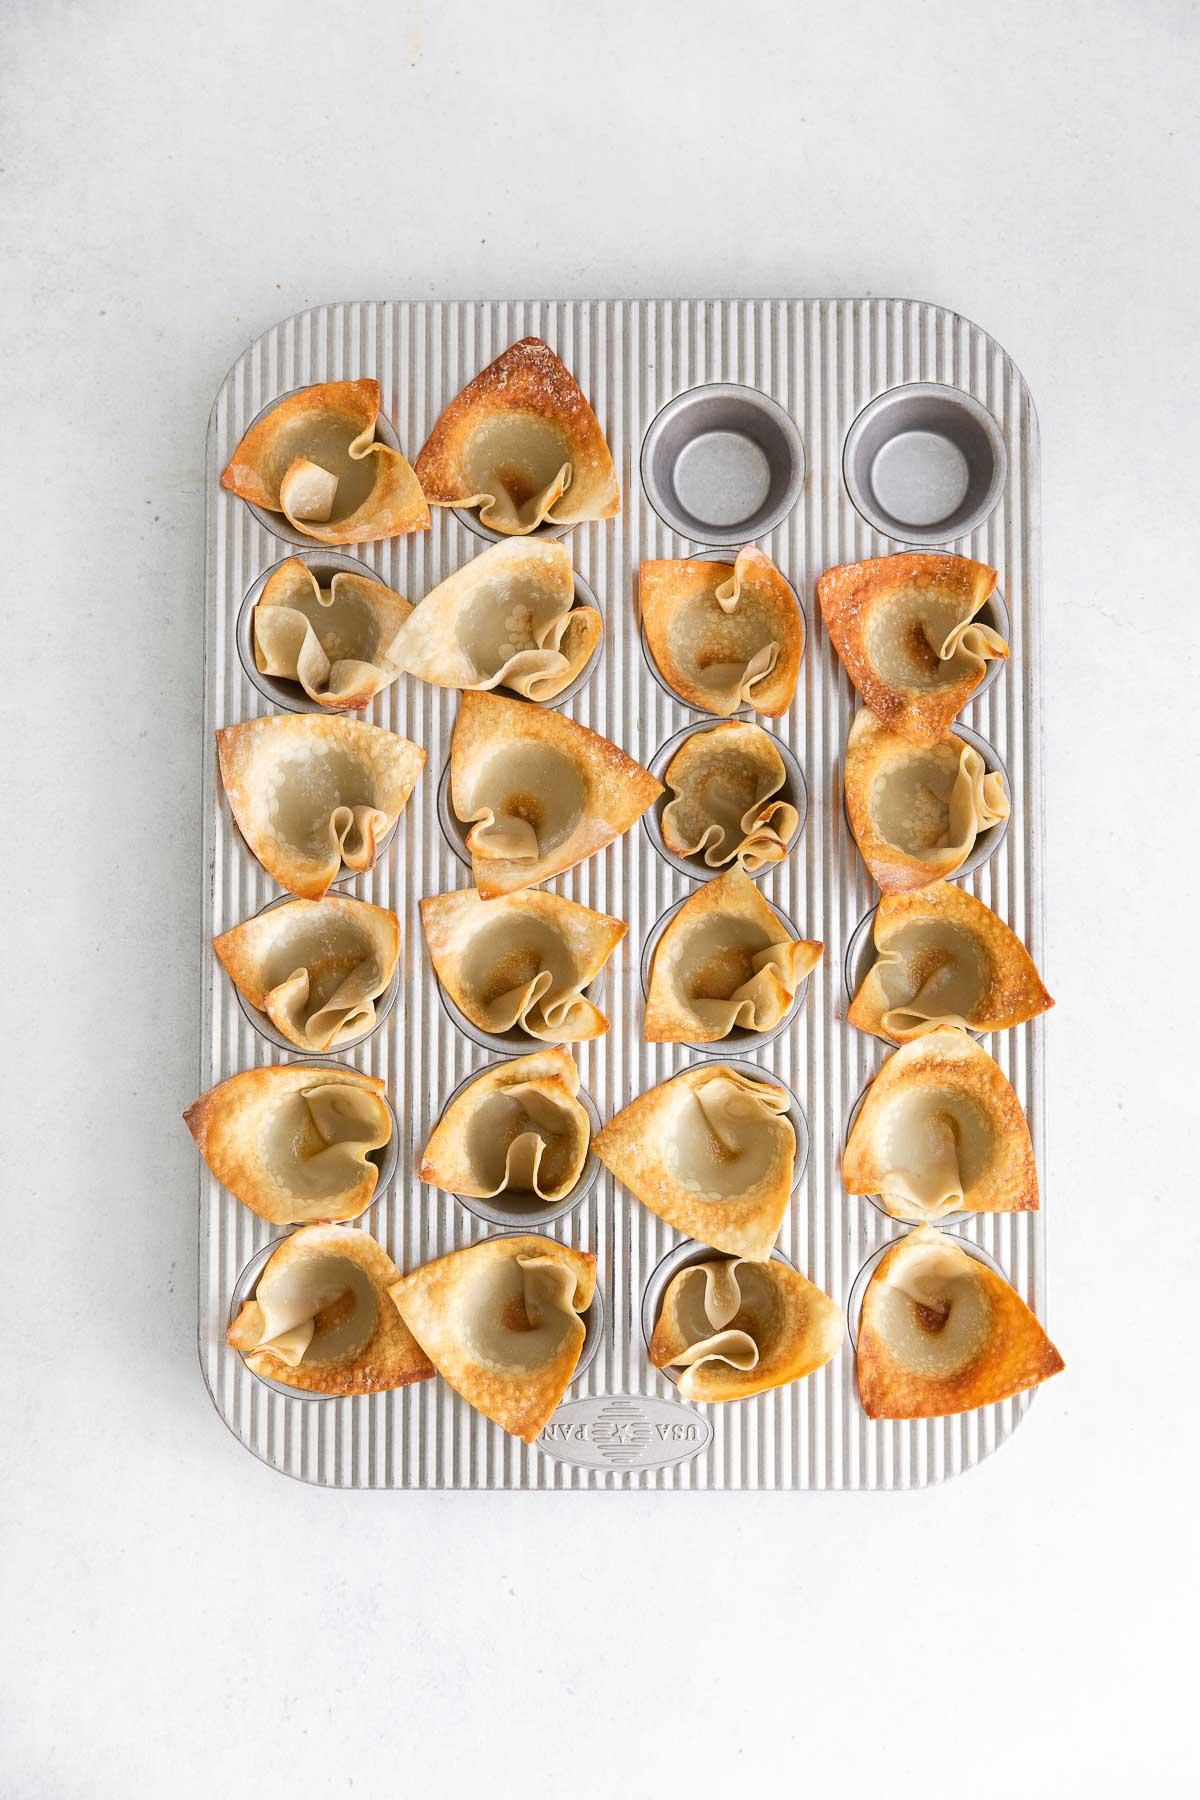 wonton wrappers in a mini muffin tin